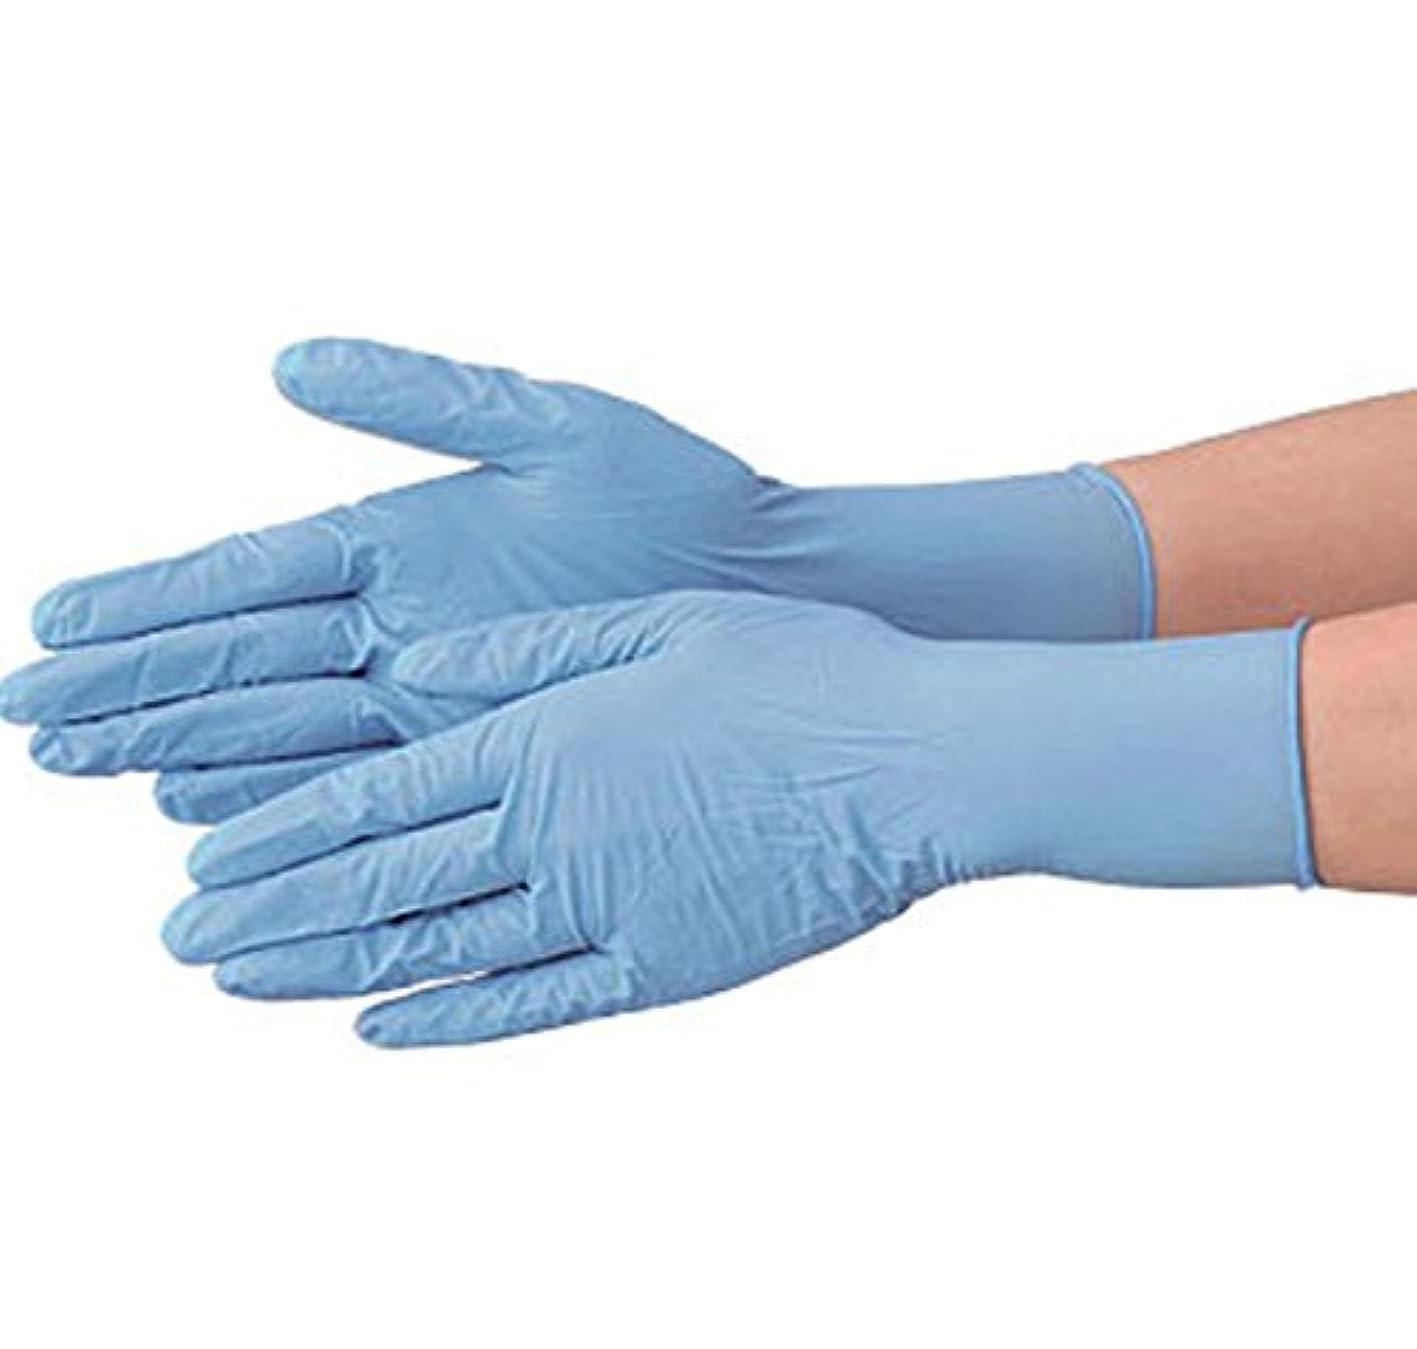 めったに引き出すアセンブリ使い捨て 手袋 エブノ 534 ニトリルNEO ブルー Mサイズ パウダーフリー 2ケース(100枚×60箱)